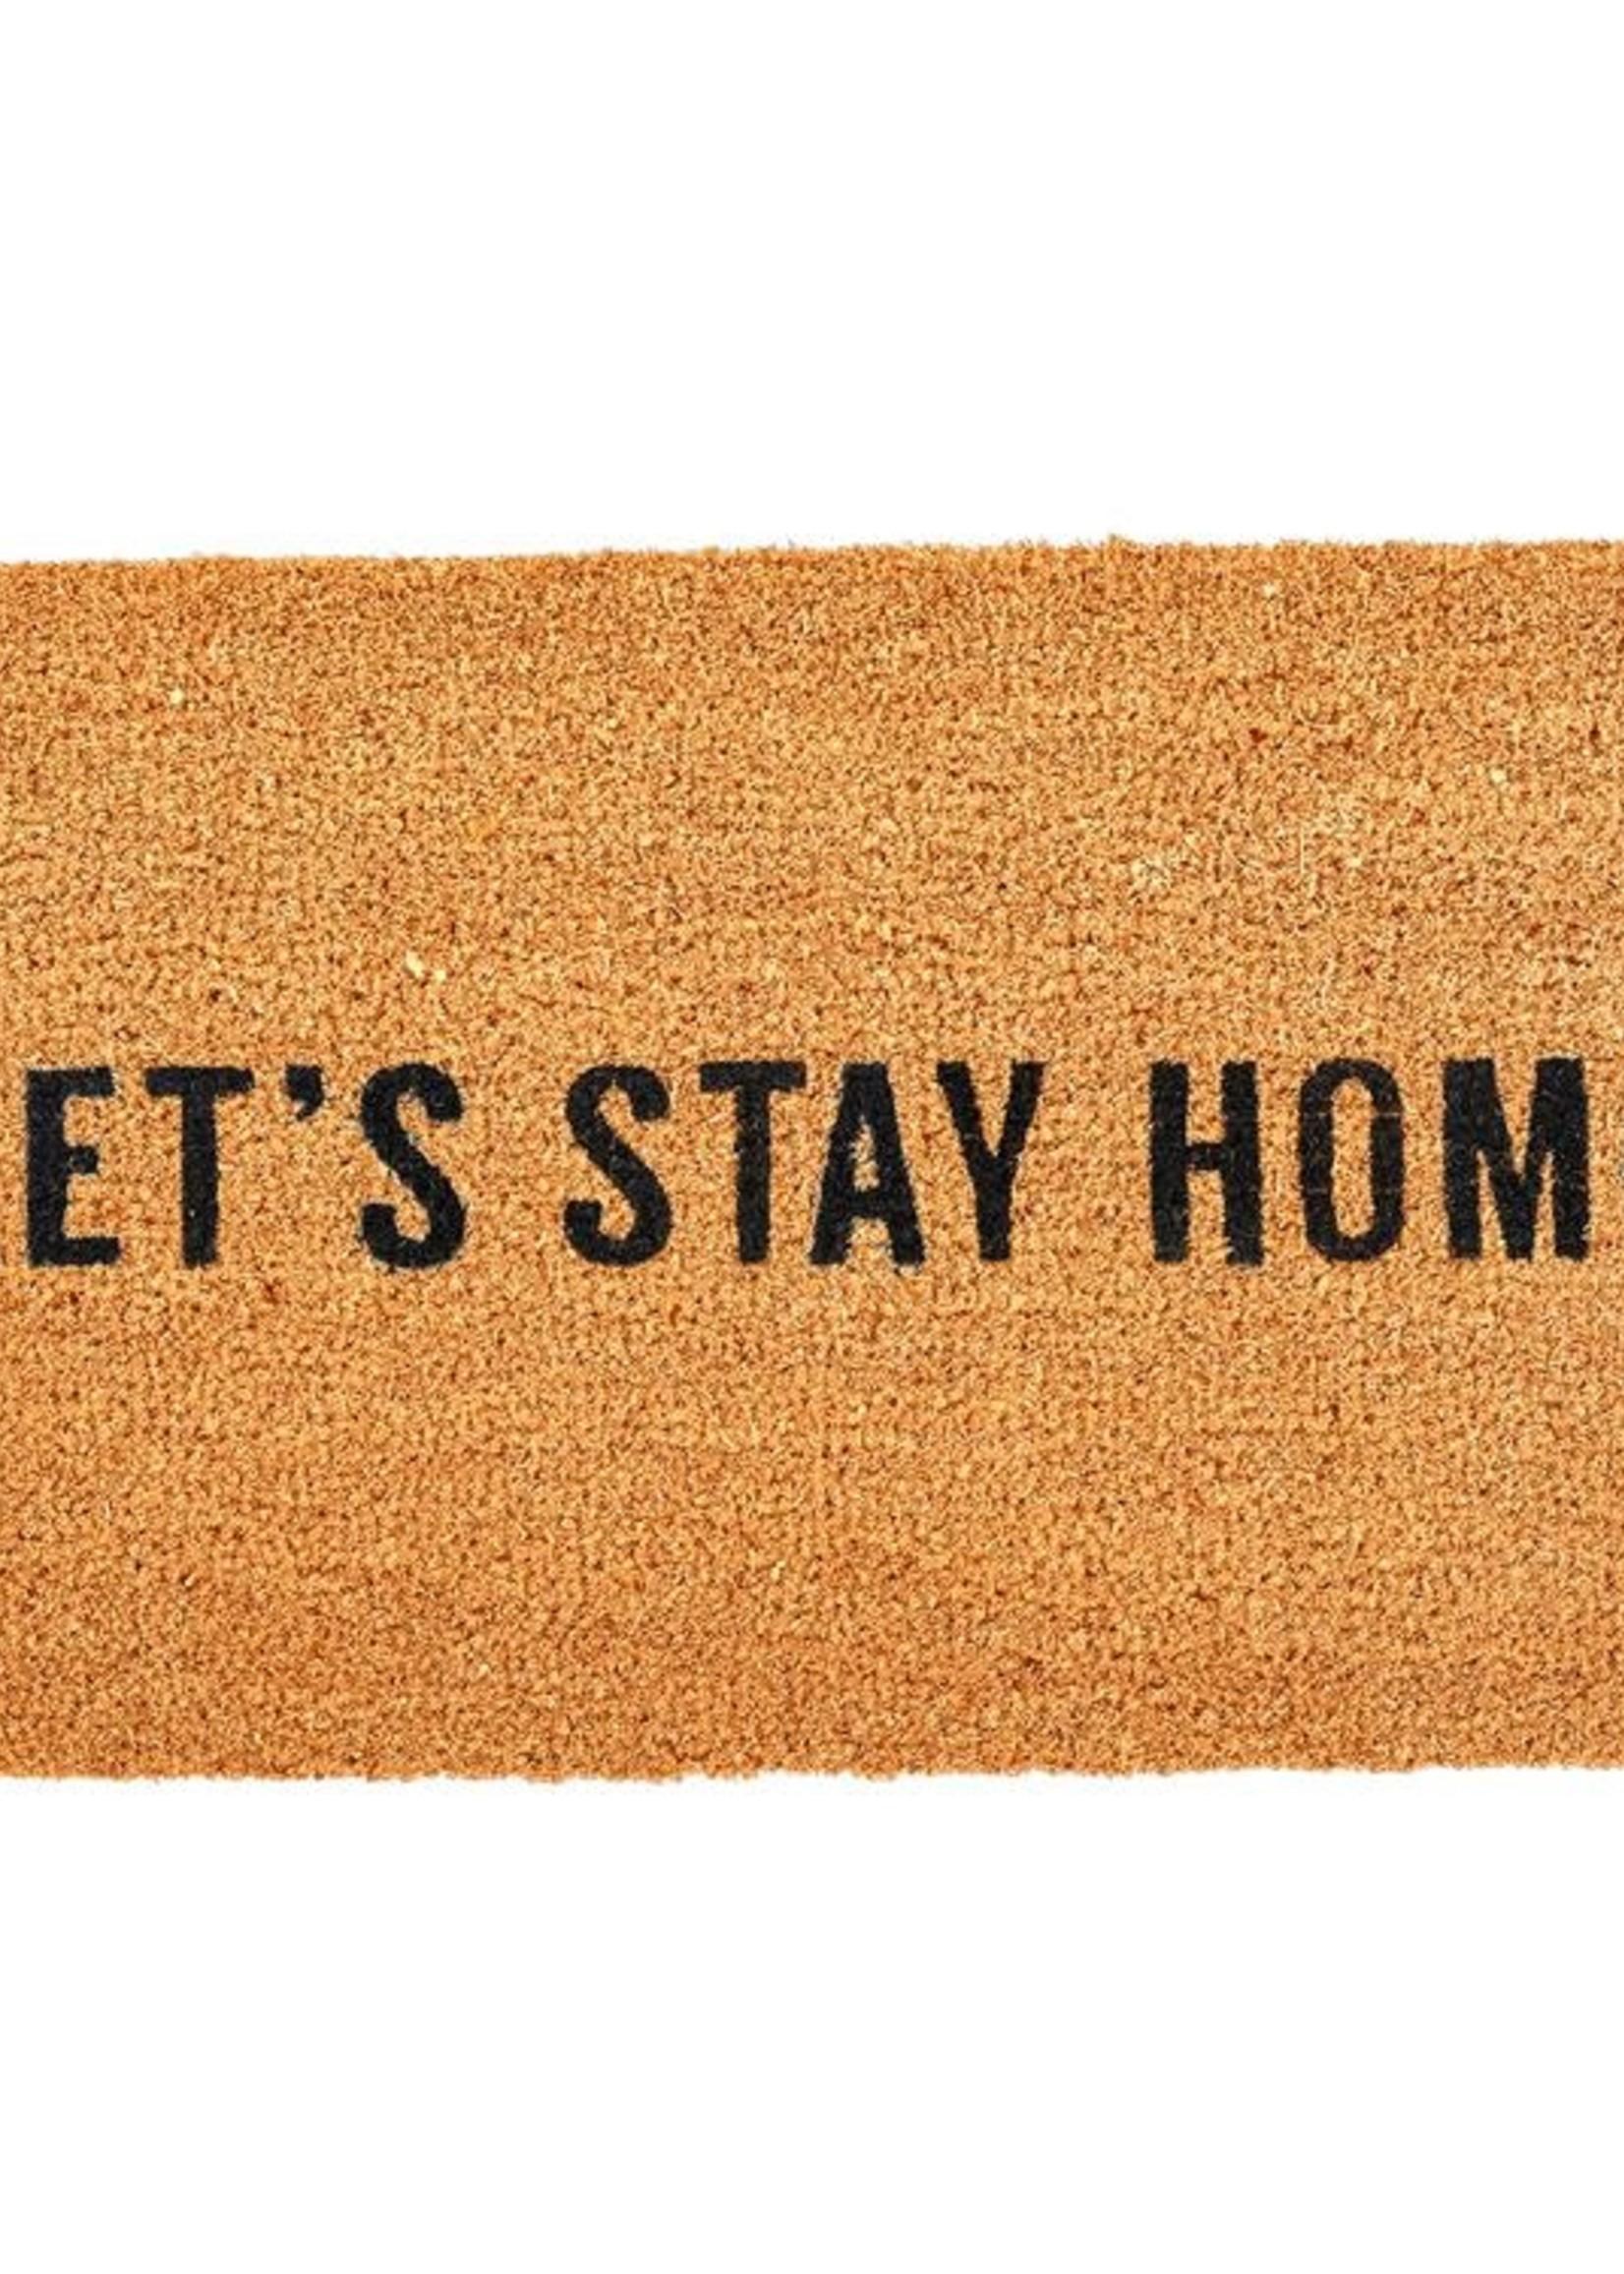 Let's Stay Home Doormat